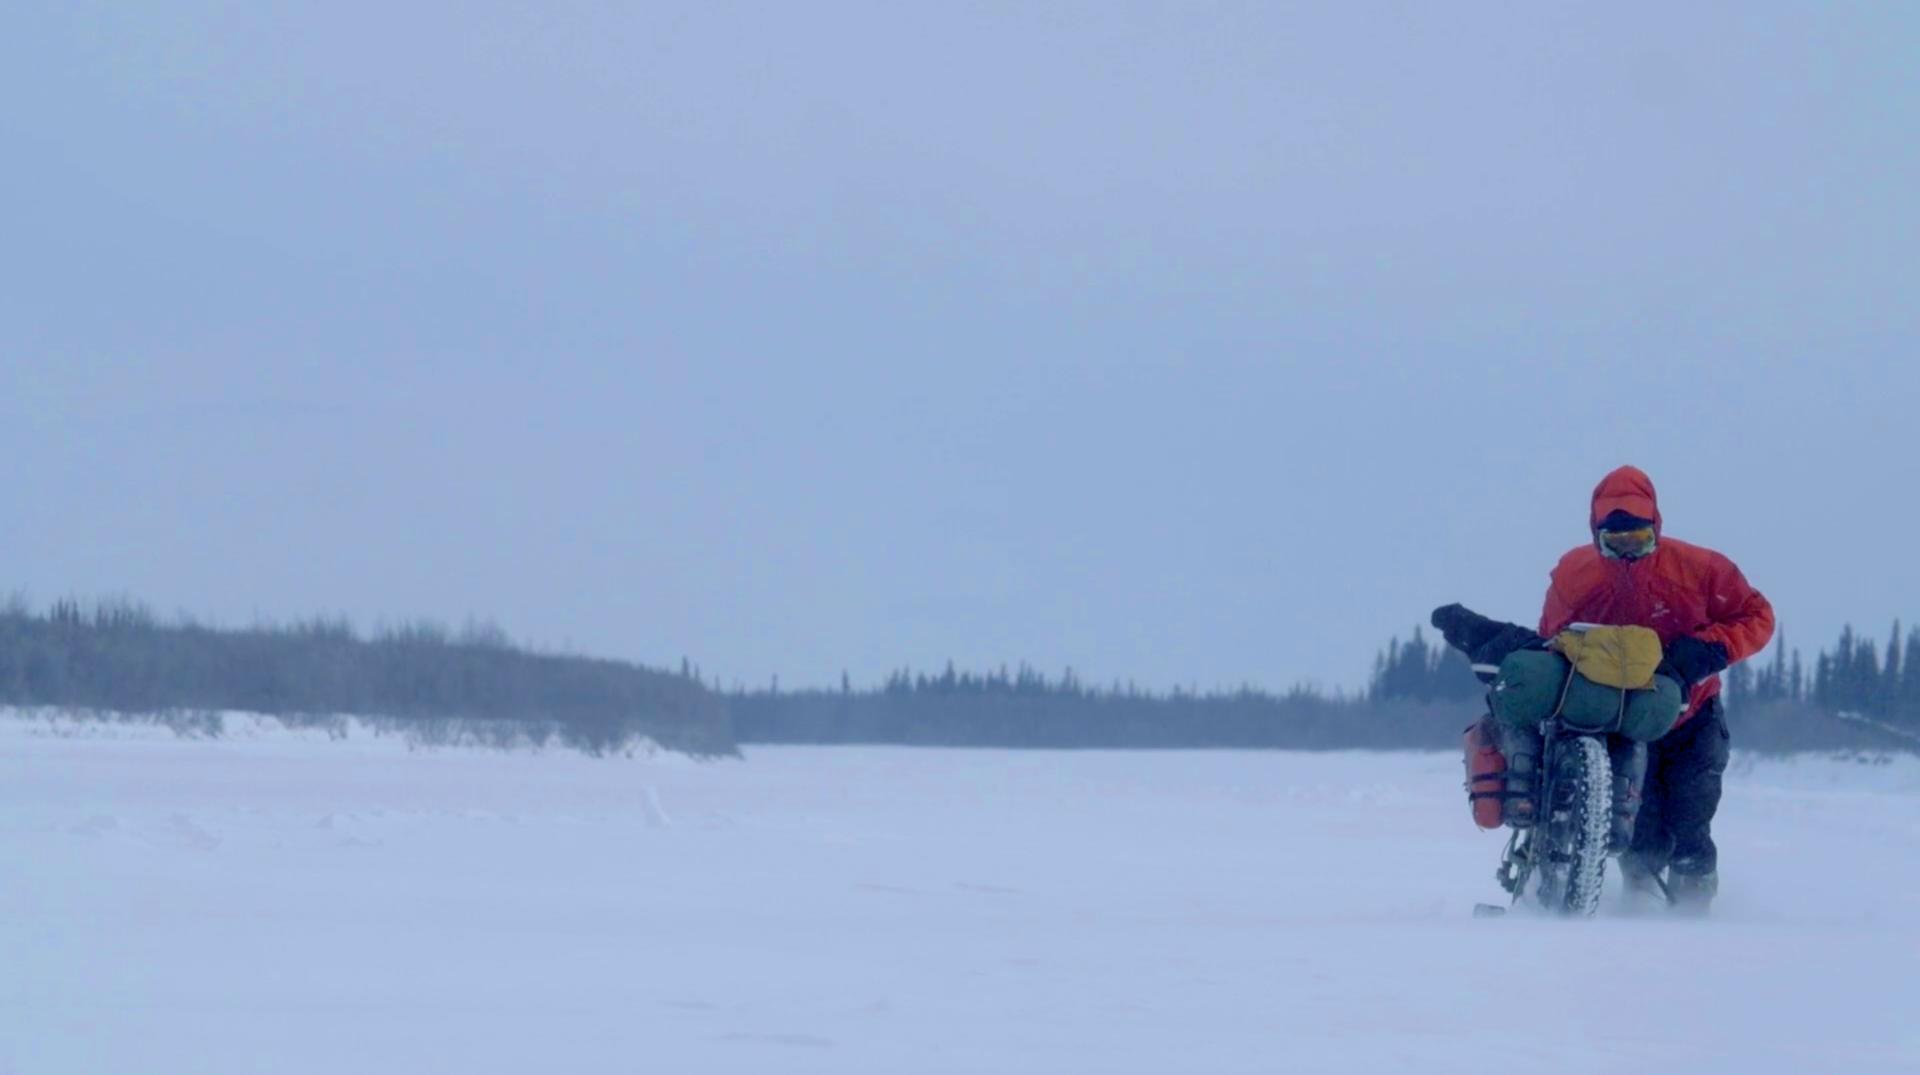 Les-Rookies-Ben-Page-The-Frozen-Road